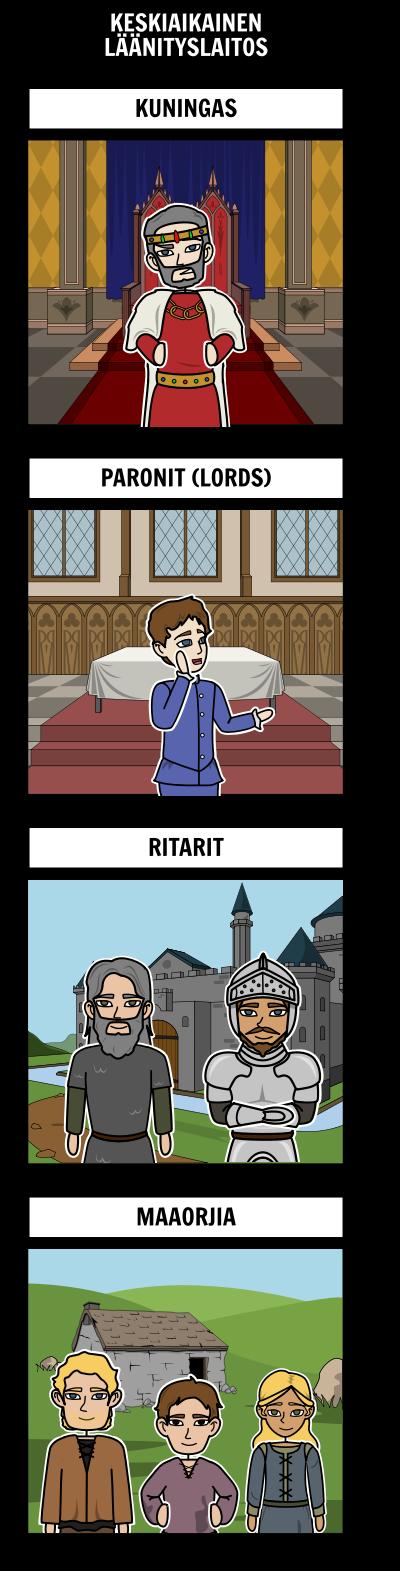 Keskiaikainen Feast Feodaalijärjestelmä